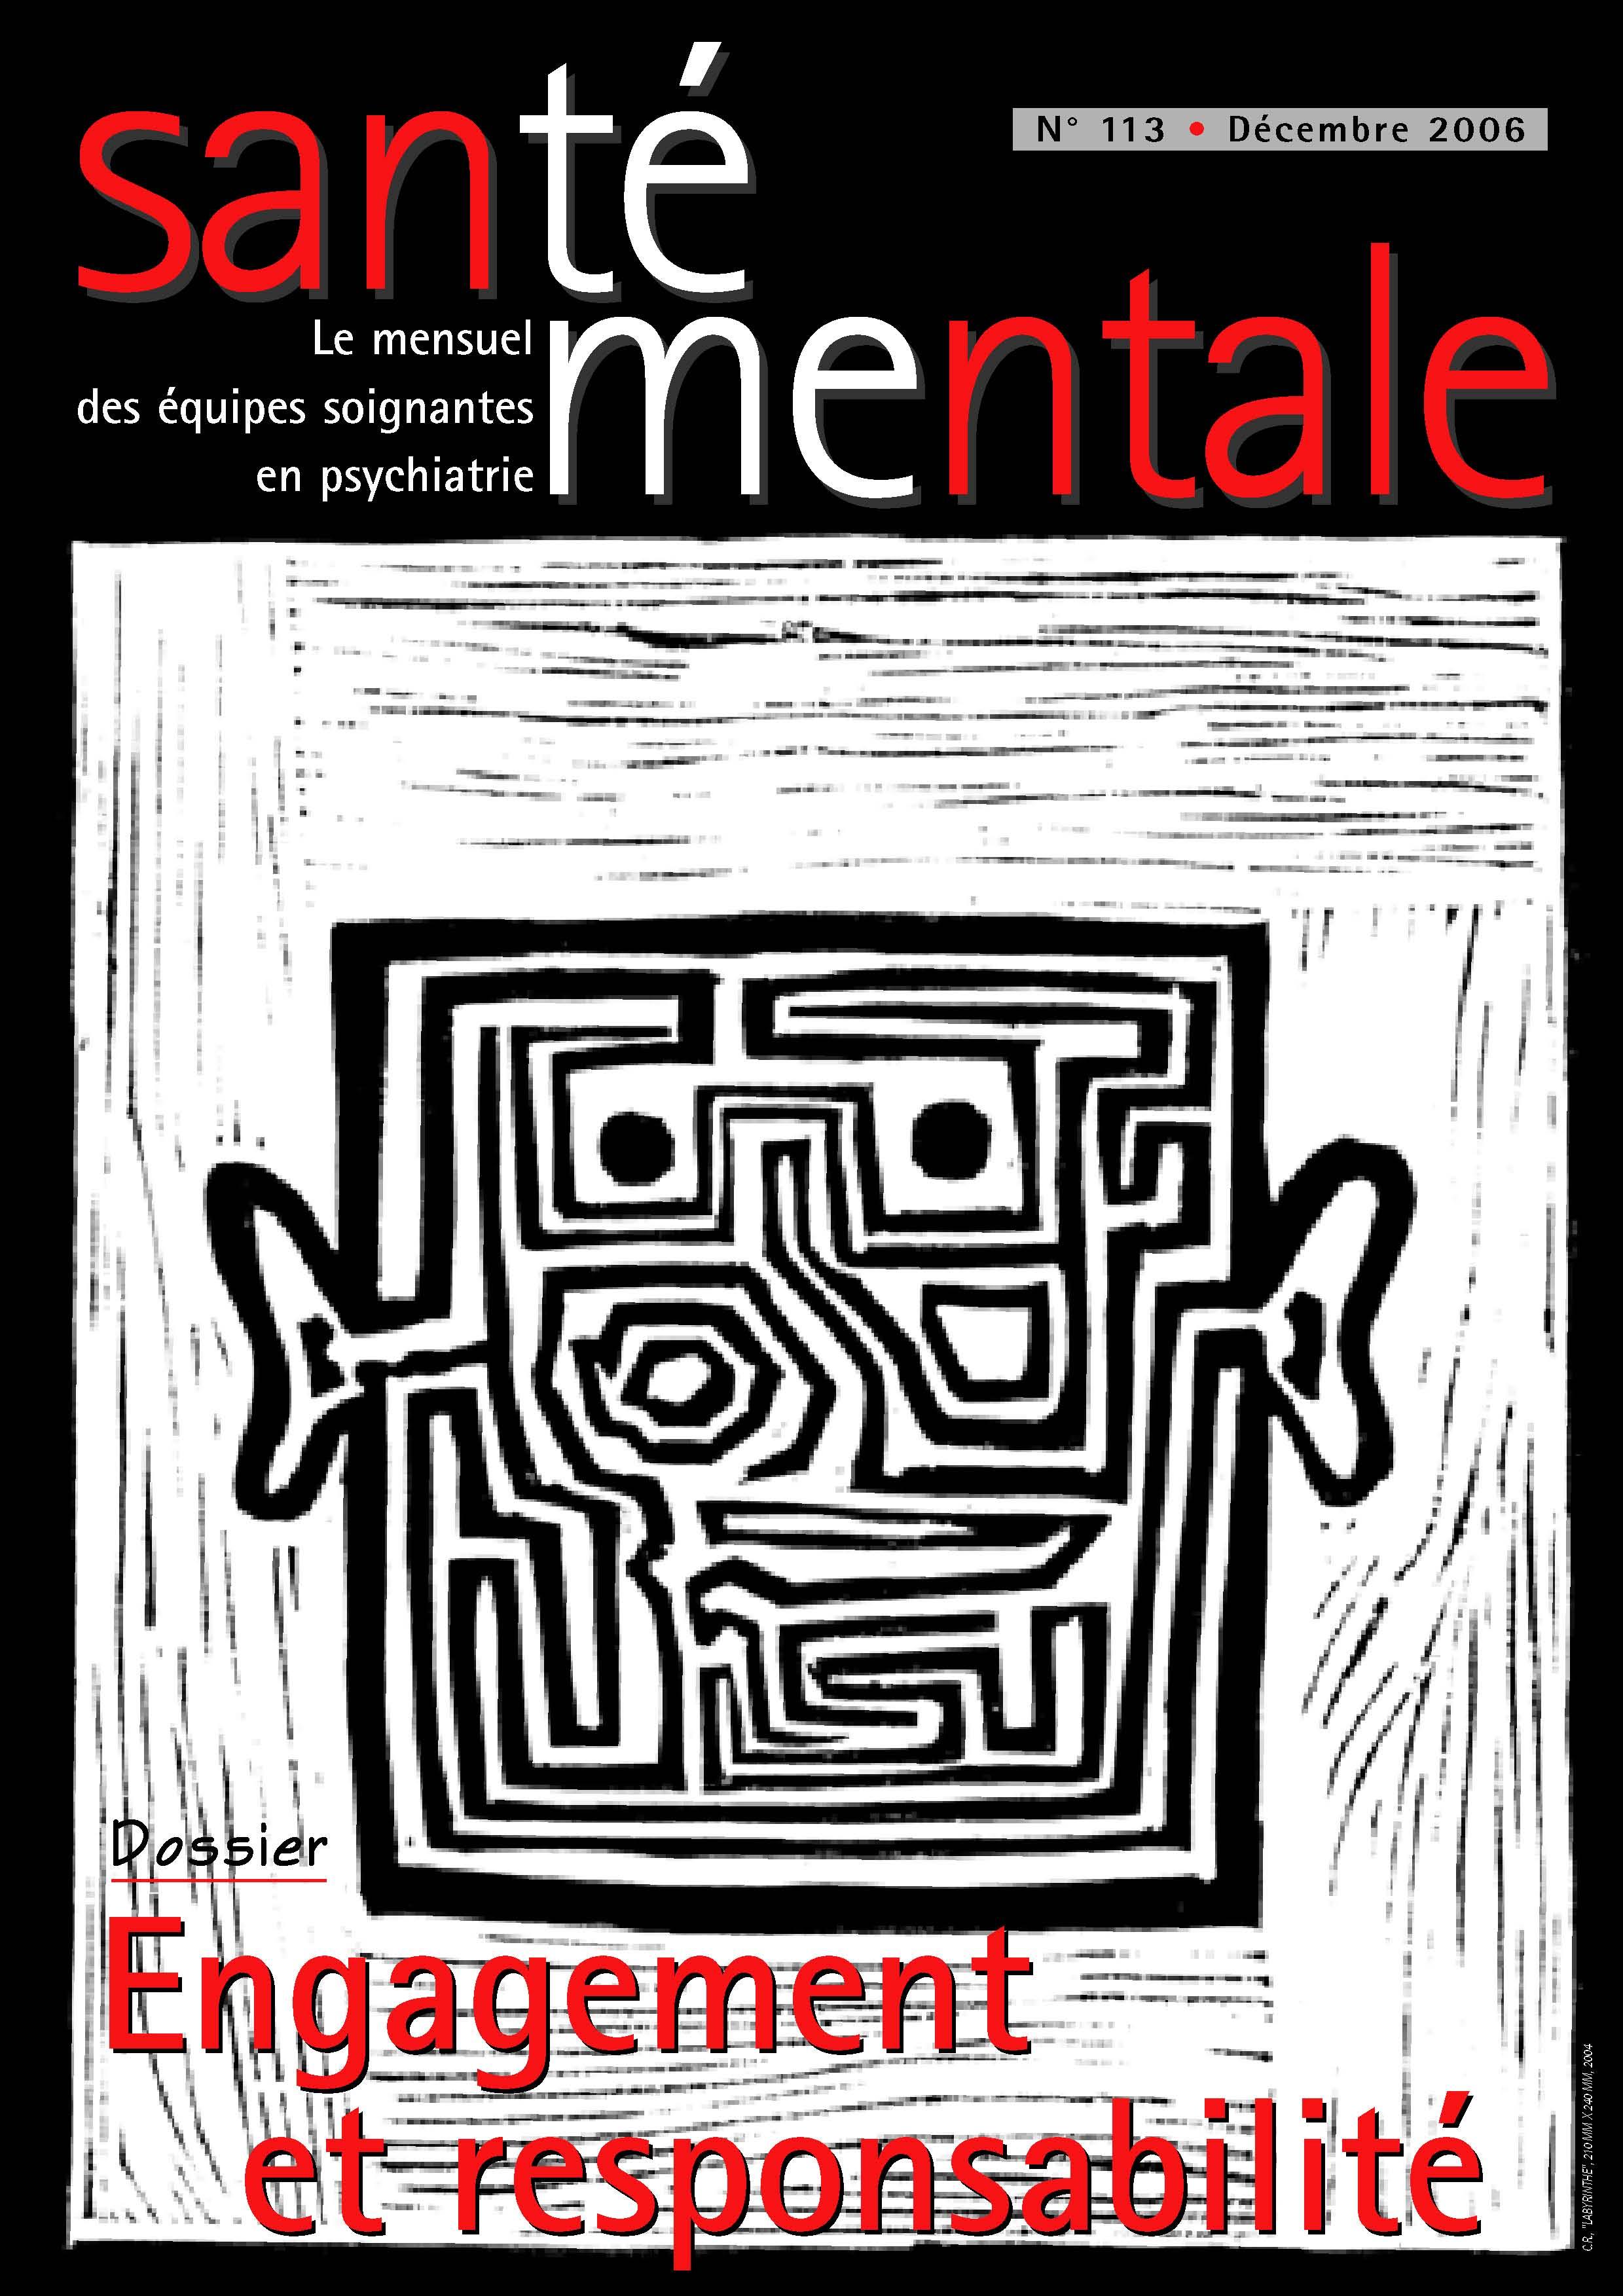 Couverture N°113 décembre 2006